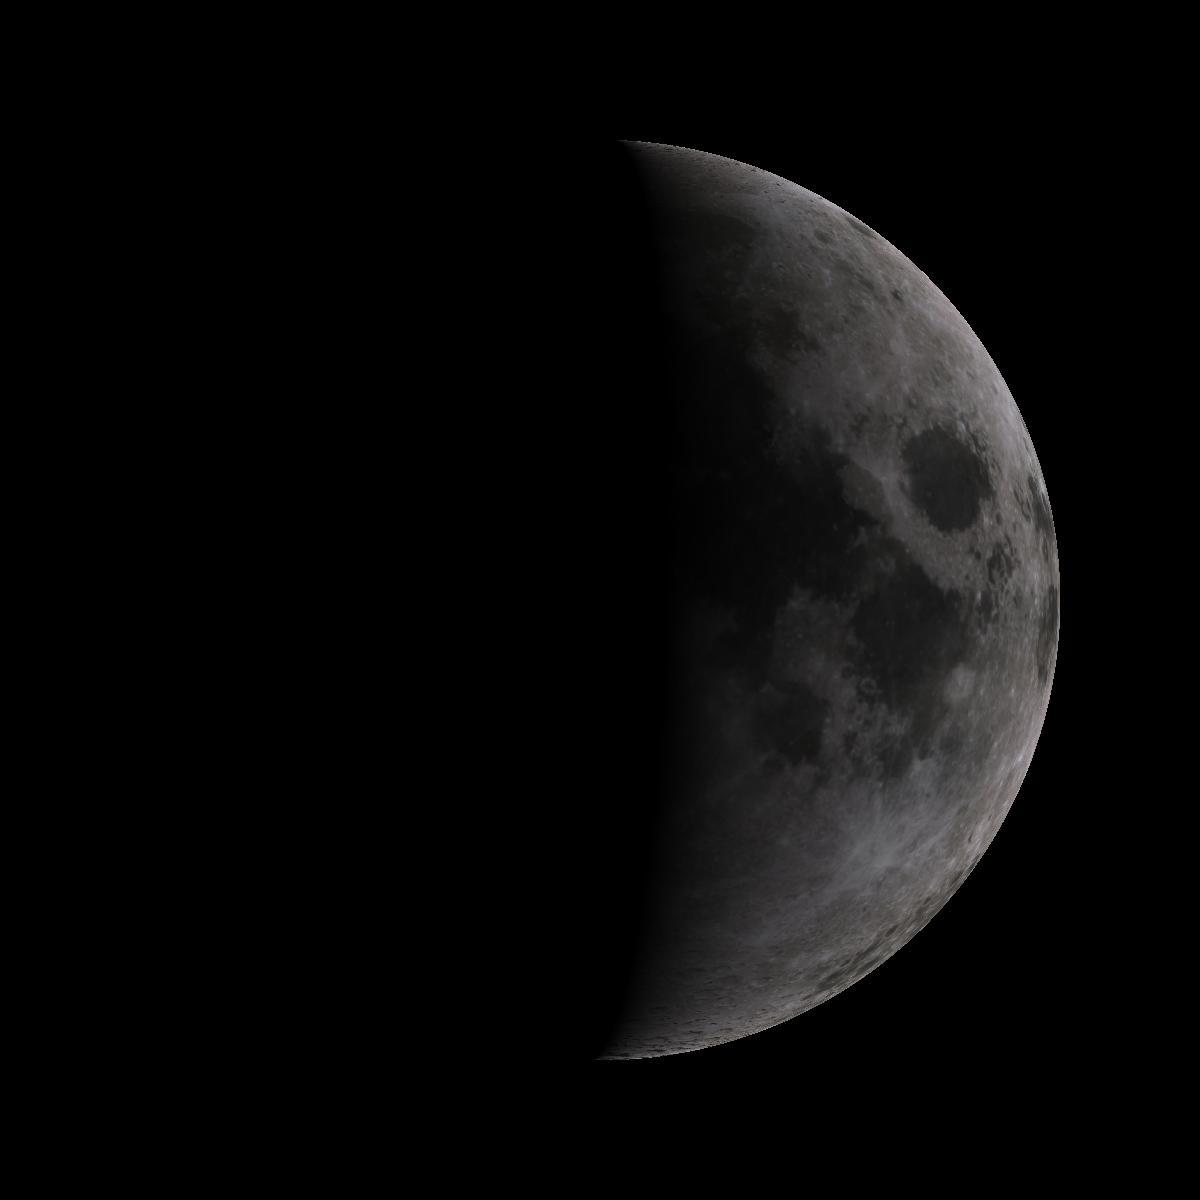 Lune du 5 octobre 2019